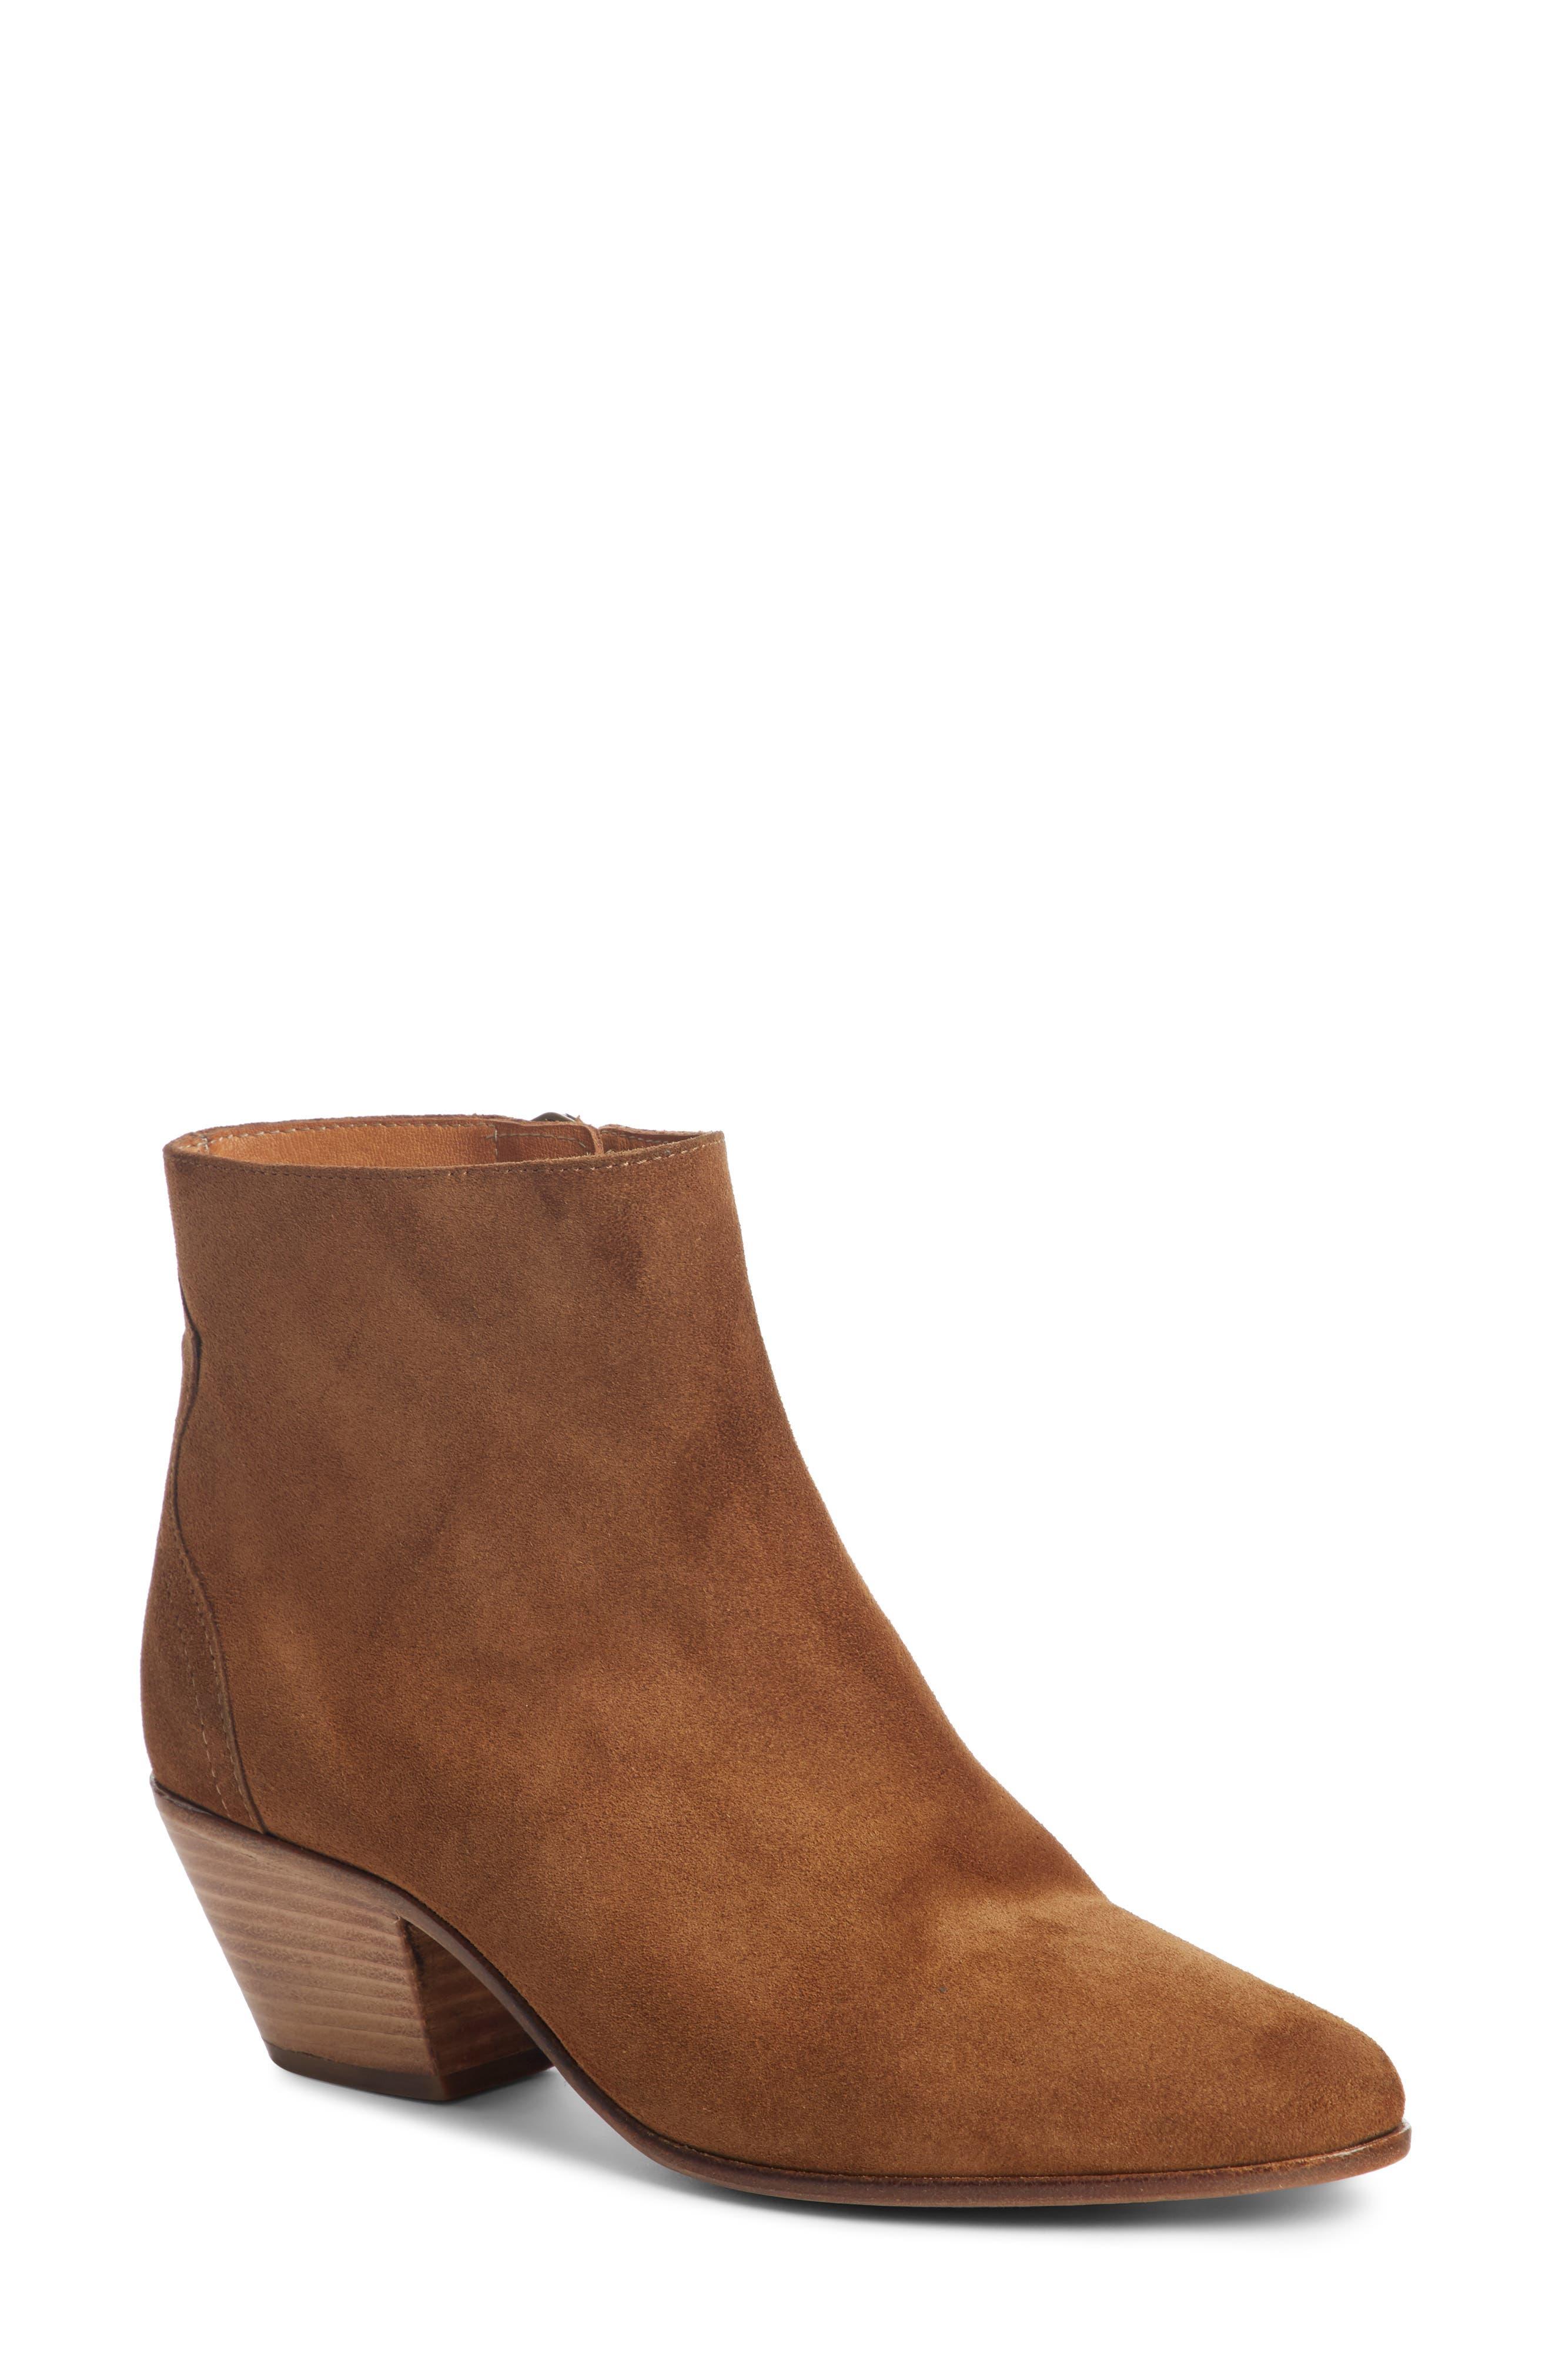 Dacken Stacked Heel Bootie,                         Main,                         color, Cognac